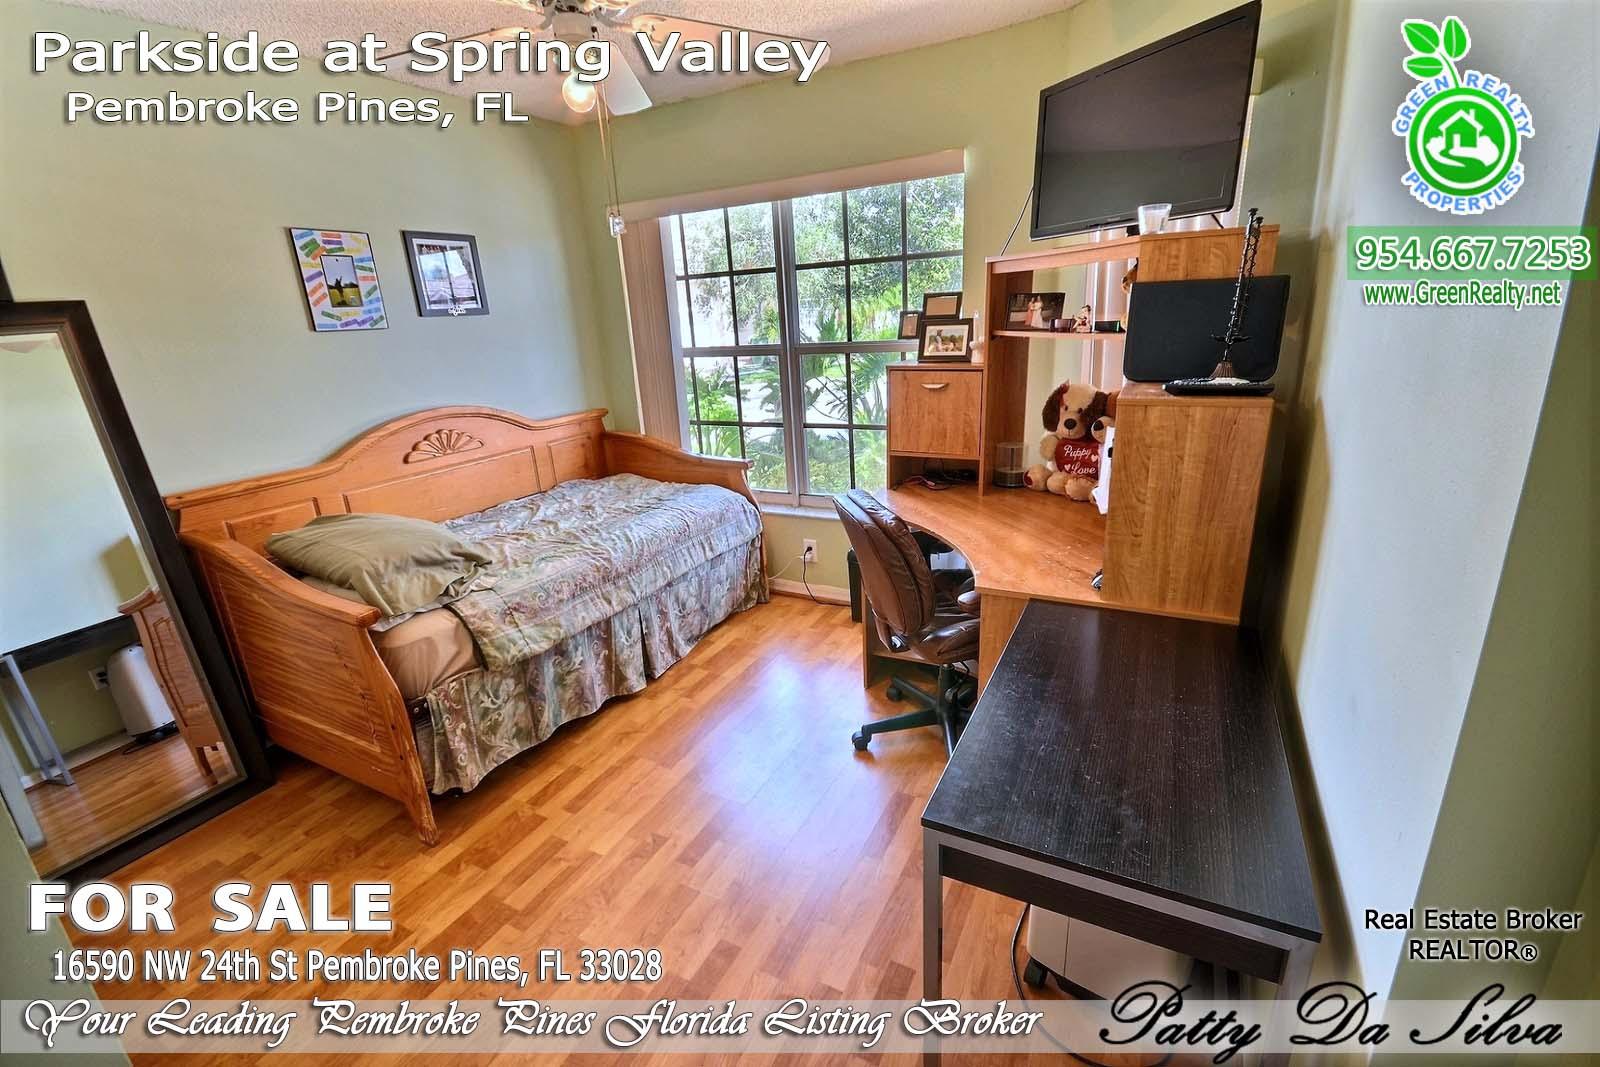 Parkside at Spring Valley Homes For Sale - Pembroke Pines Florida (5)